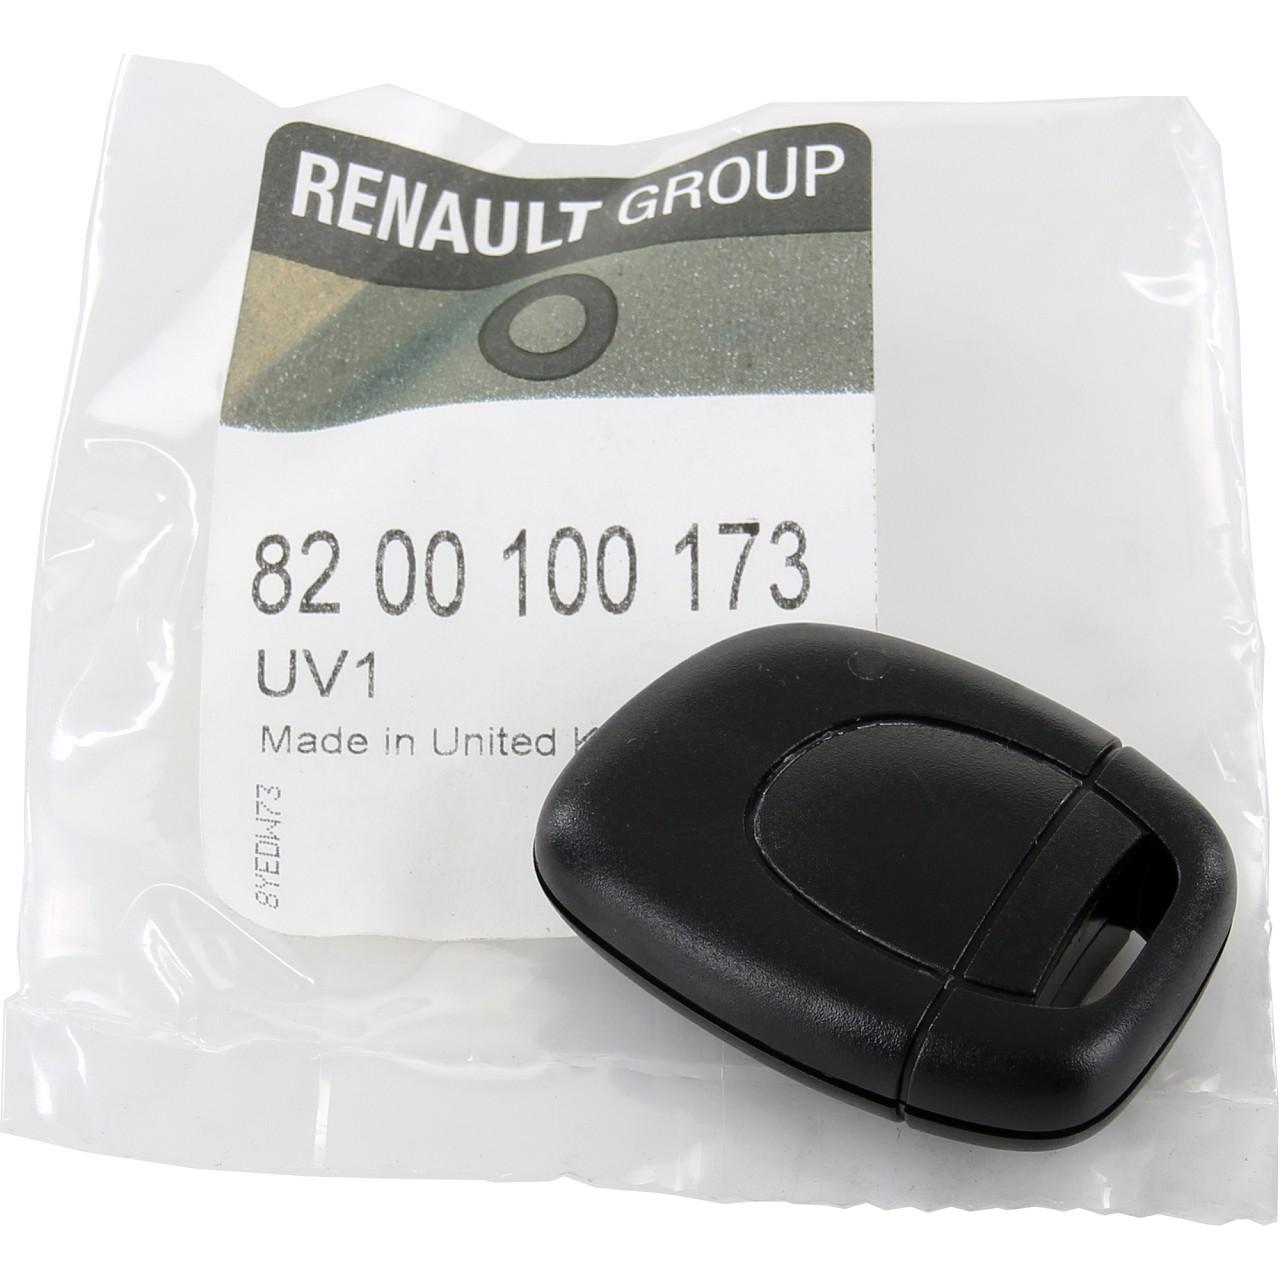 ORIGINAL Renault Sender Funkfernbedienung Fernbedienung CLIO II 8200100173